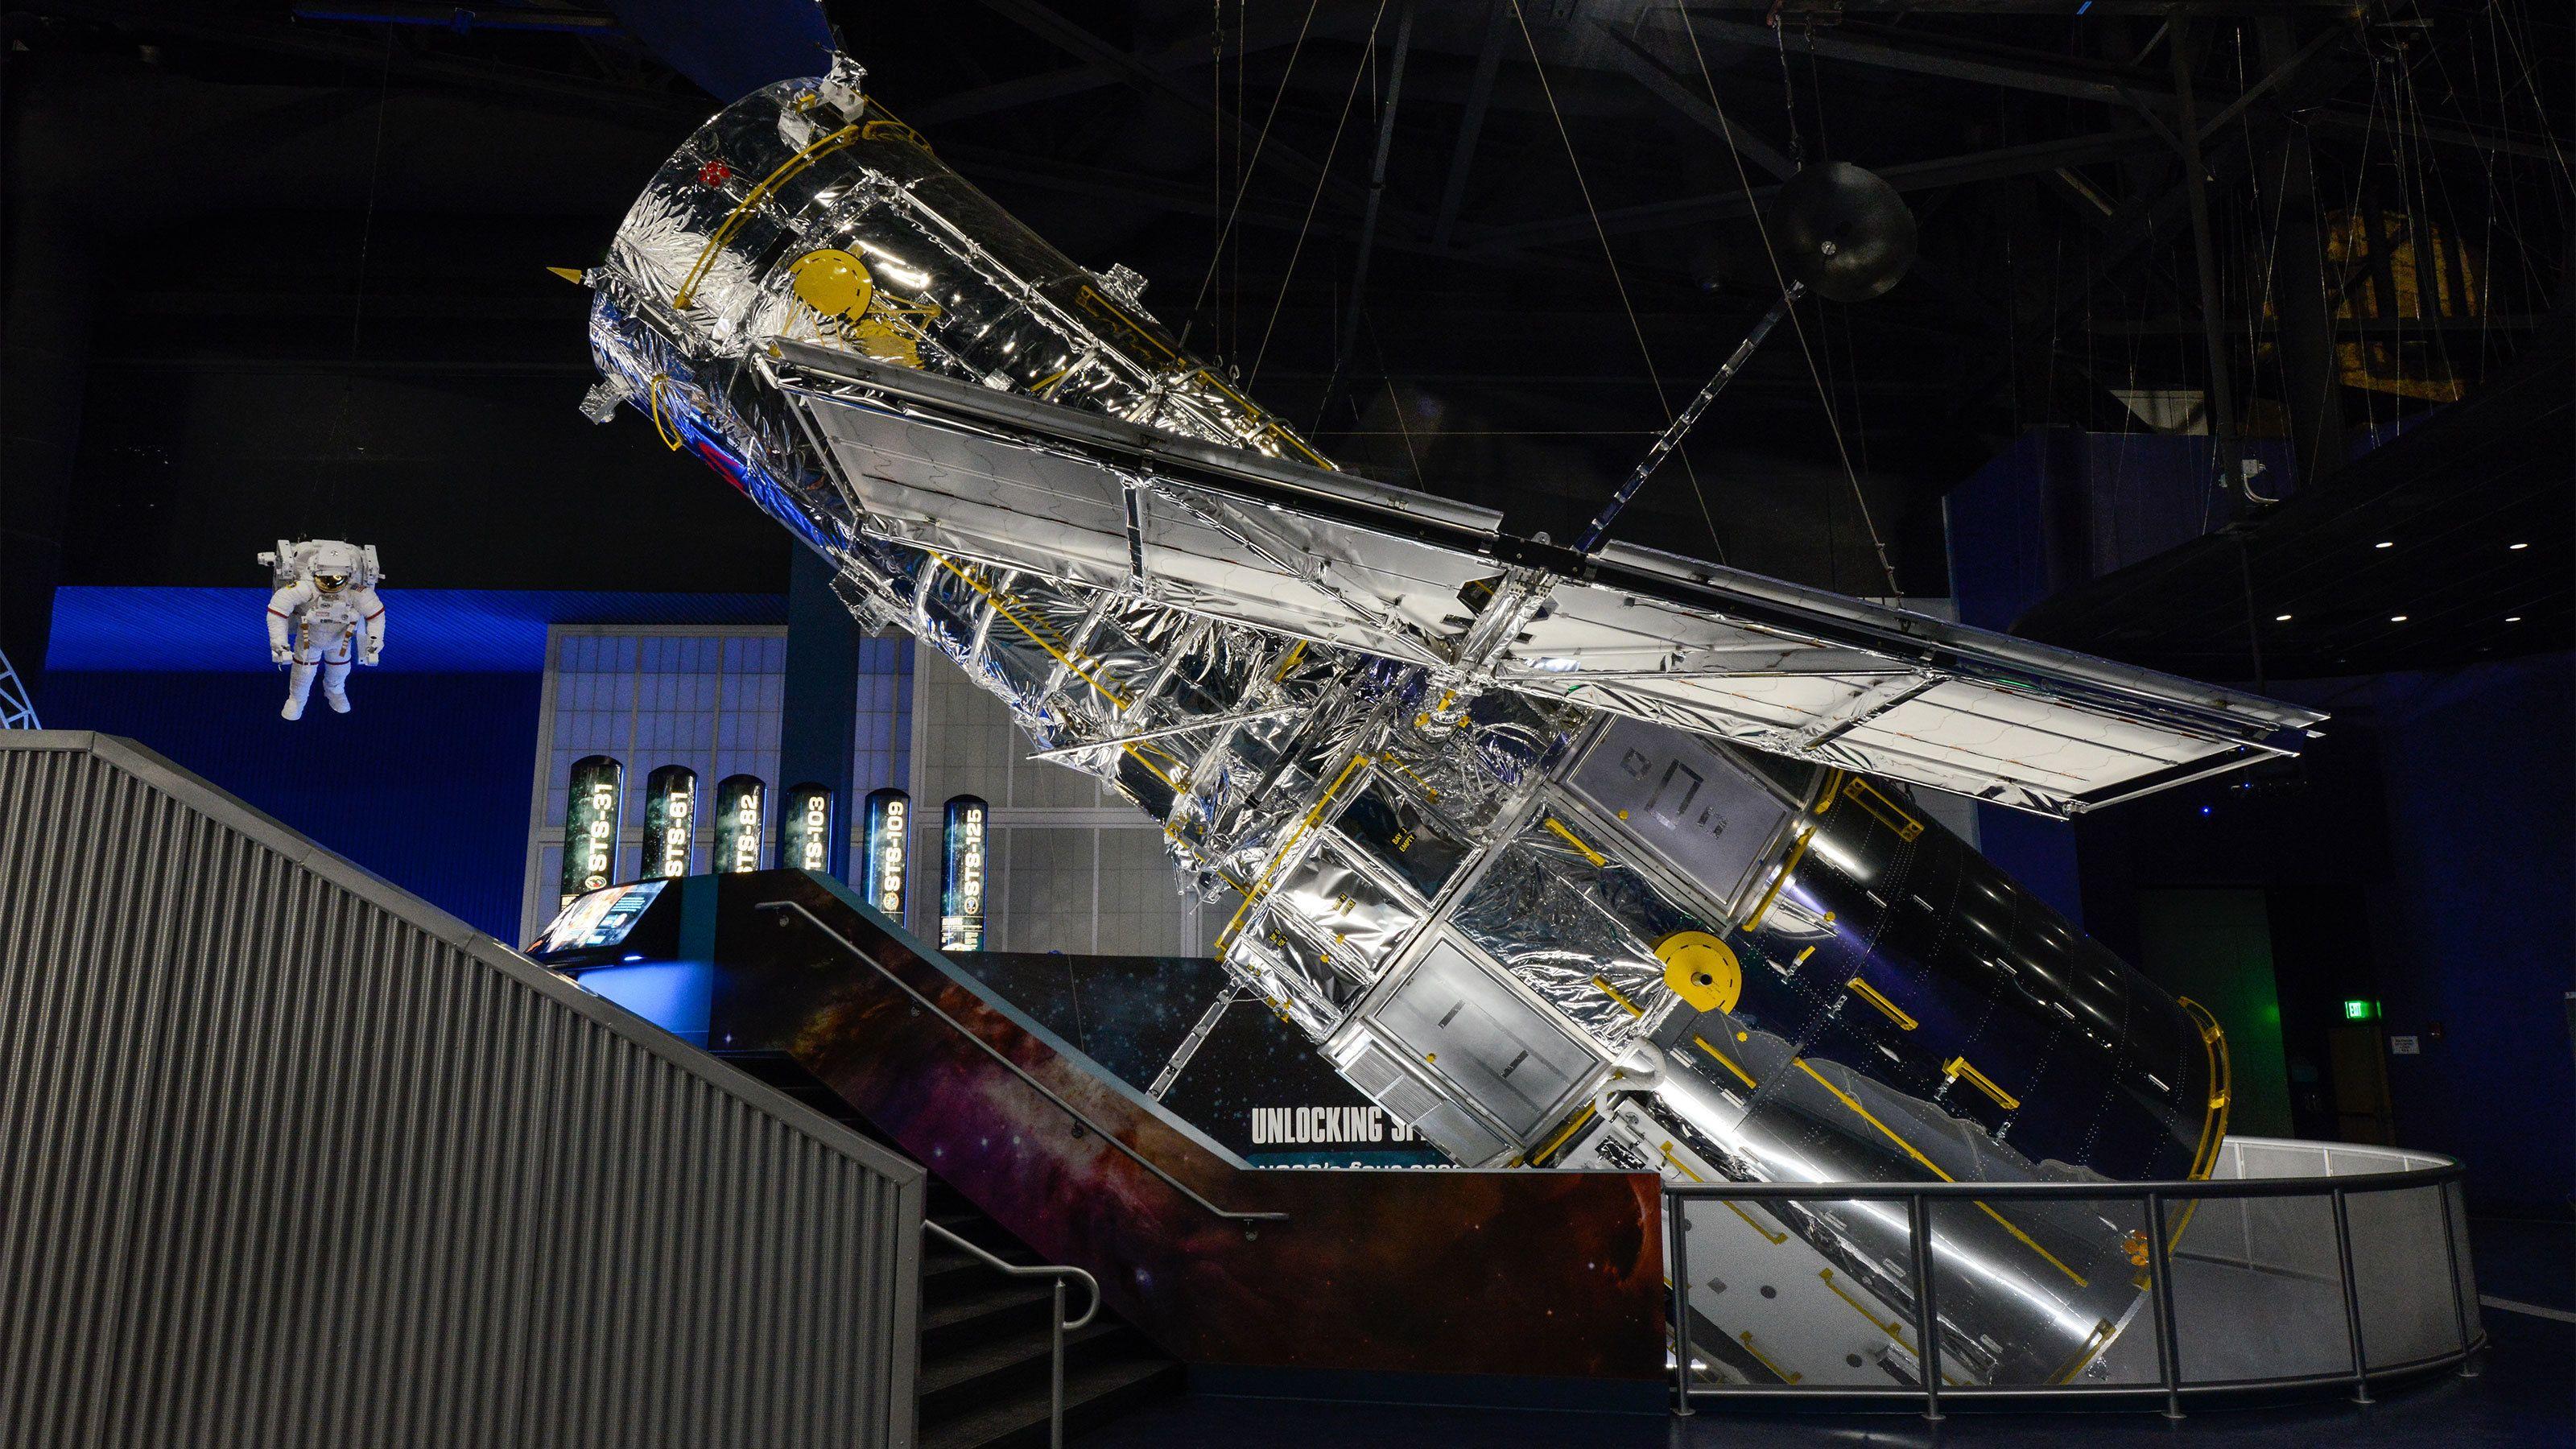 Satellite exhibit at Kennedy Space Center in Orlando.